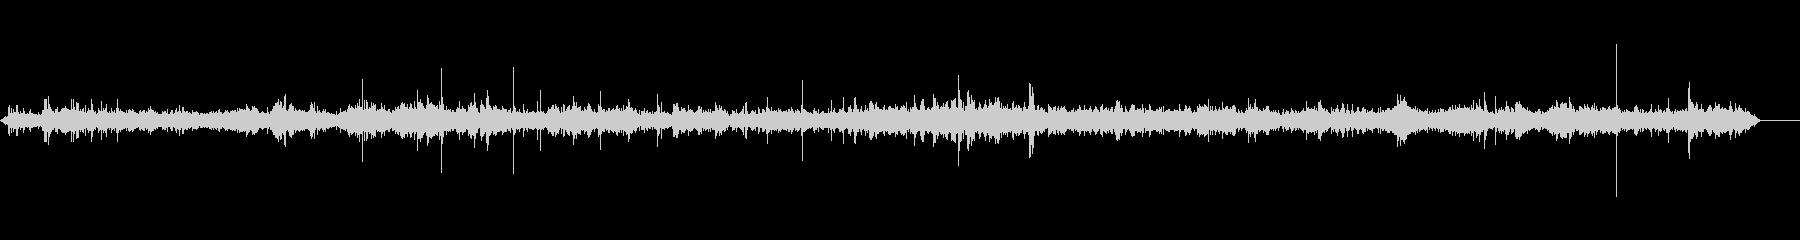 ライブラリ-声-レジの未再生の波形